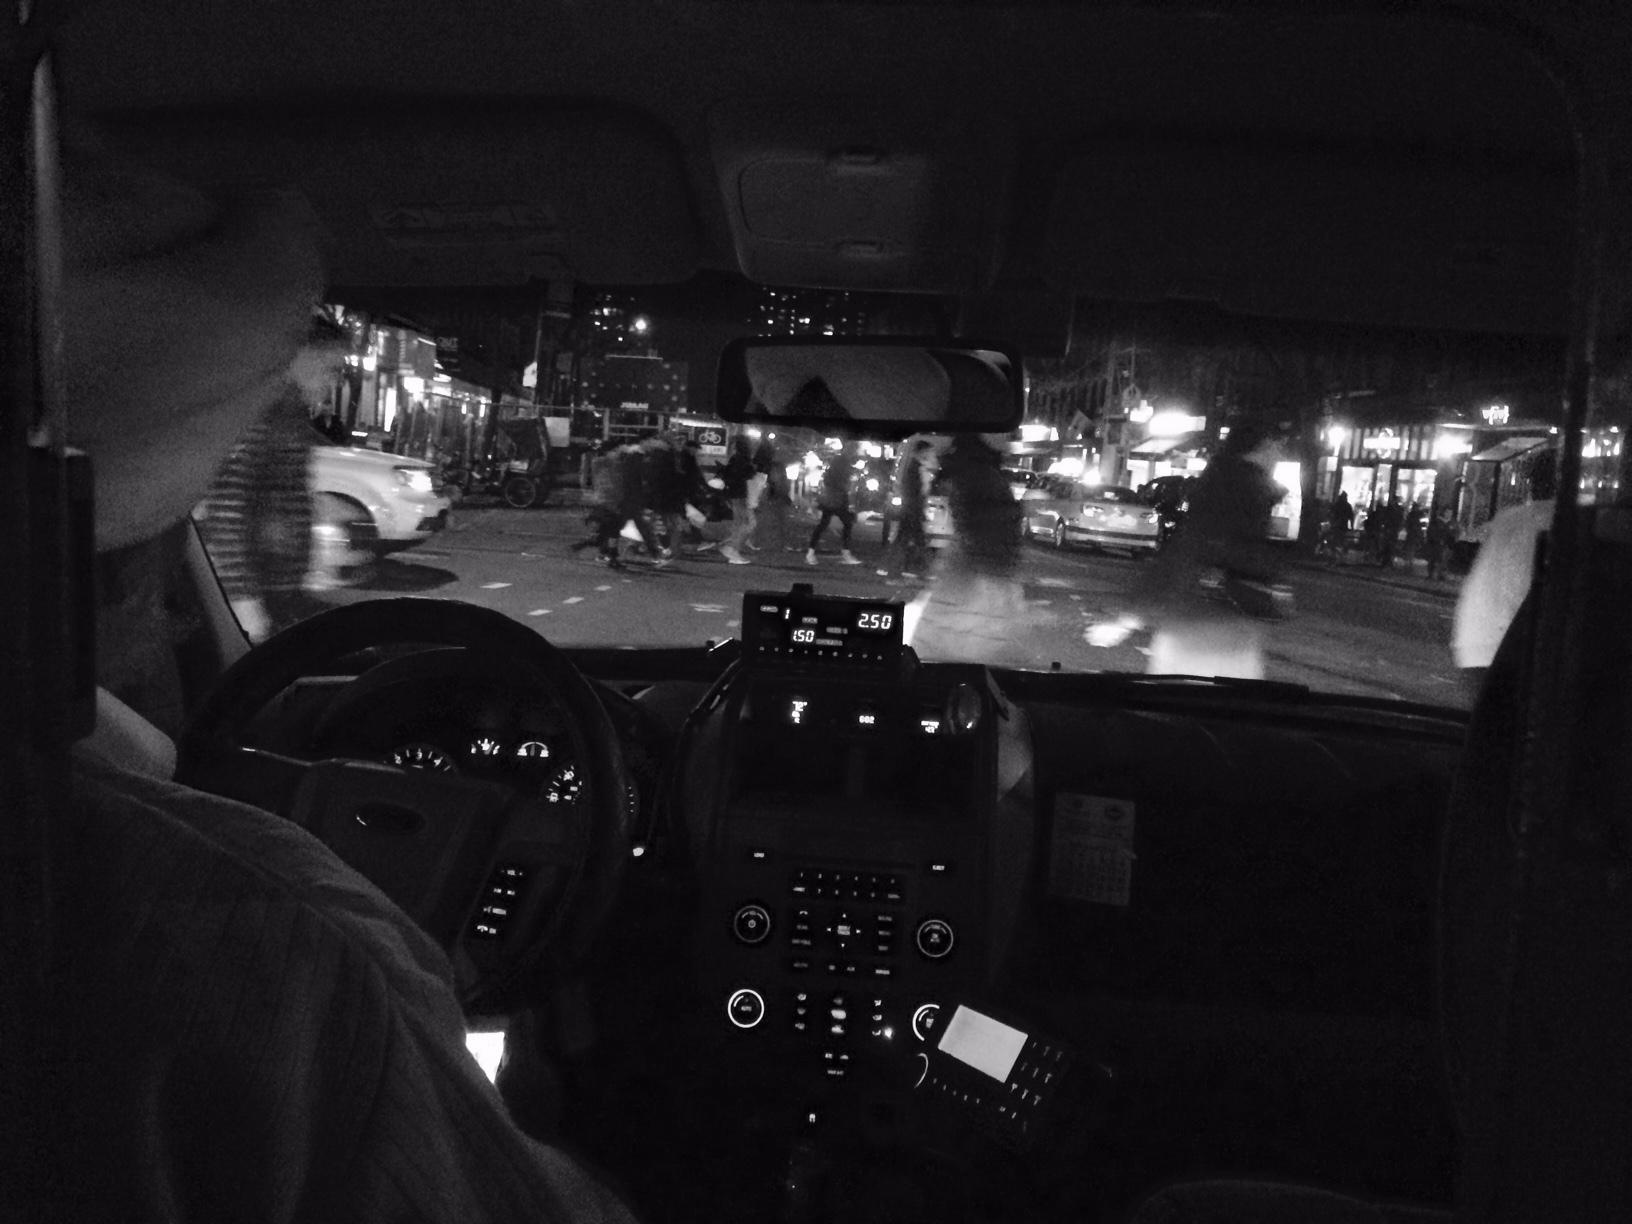 Taxi Cab kön videor lezbian XXX